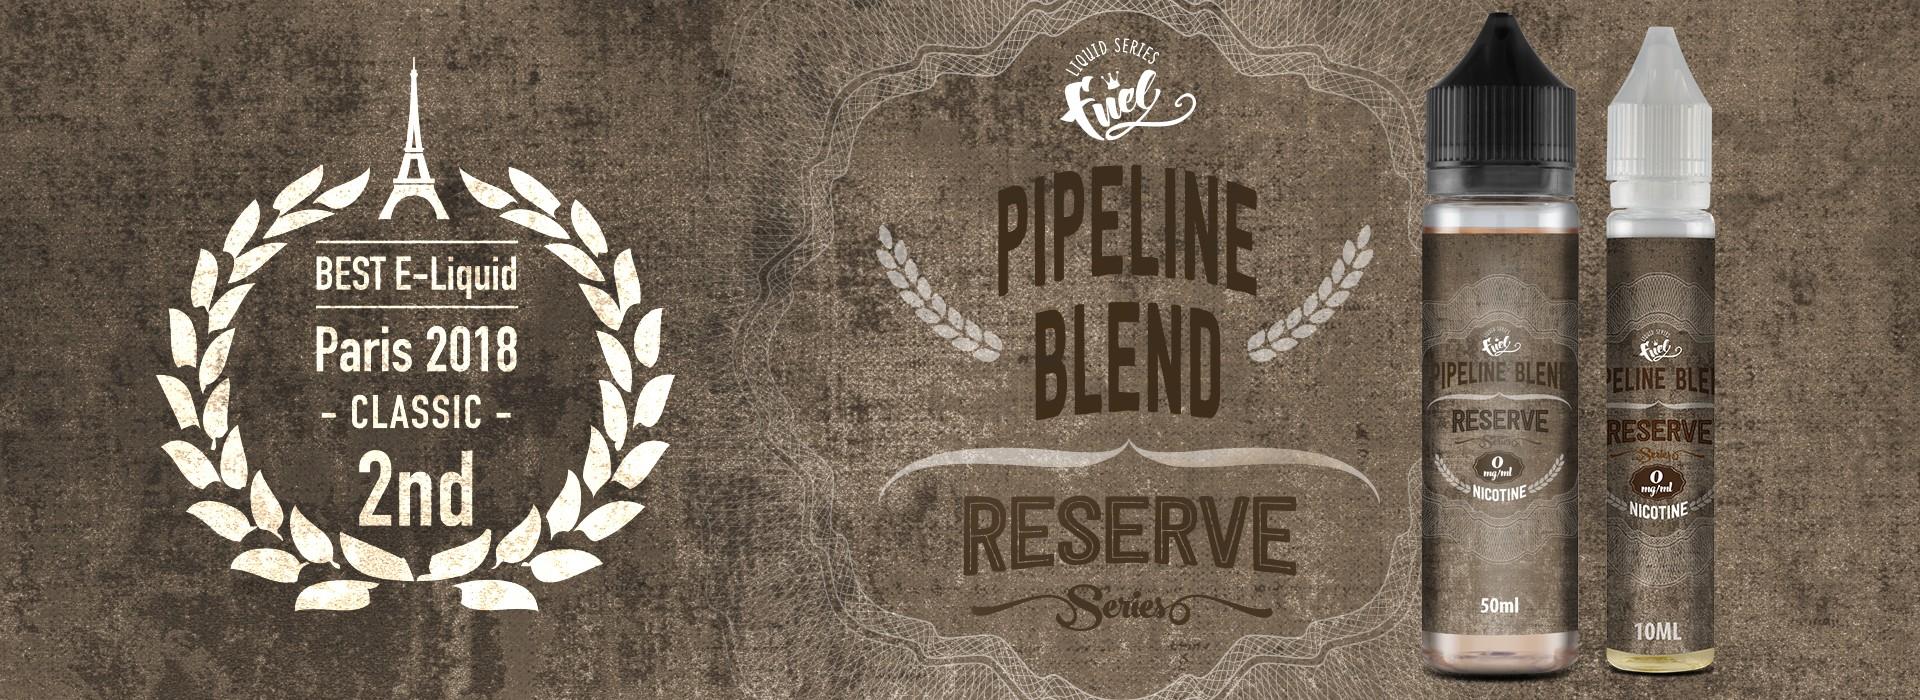 Notre meilleure vente incontestée depuis 2012 revisitée : l'e-liquide PIPELINE Blend Reserve